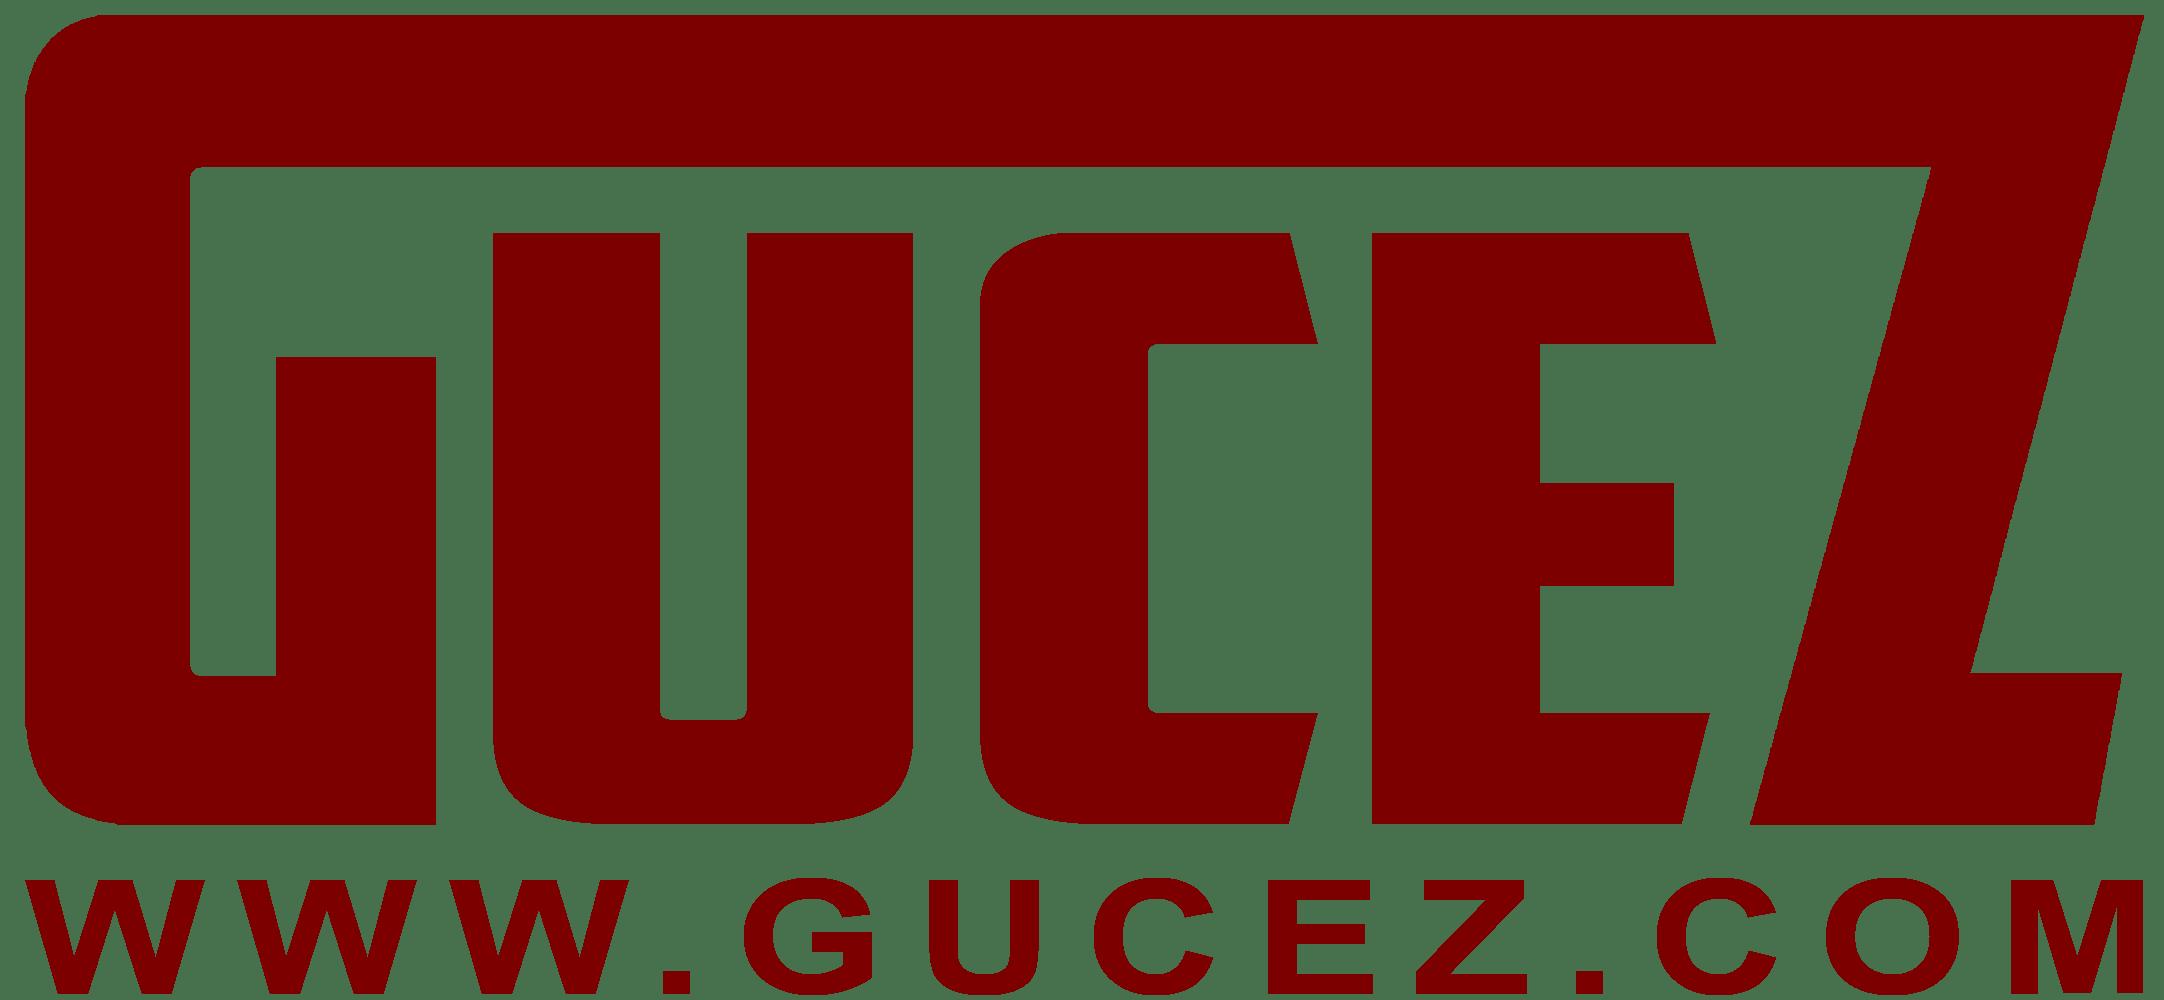 GUCEZ